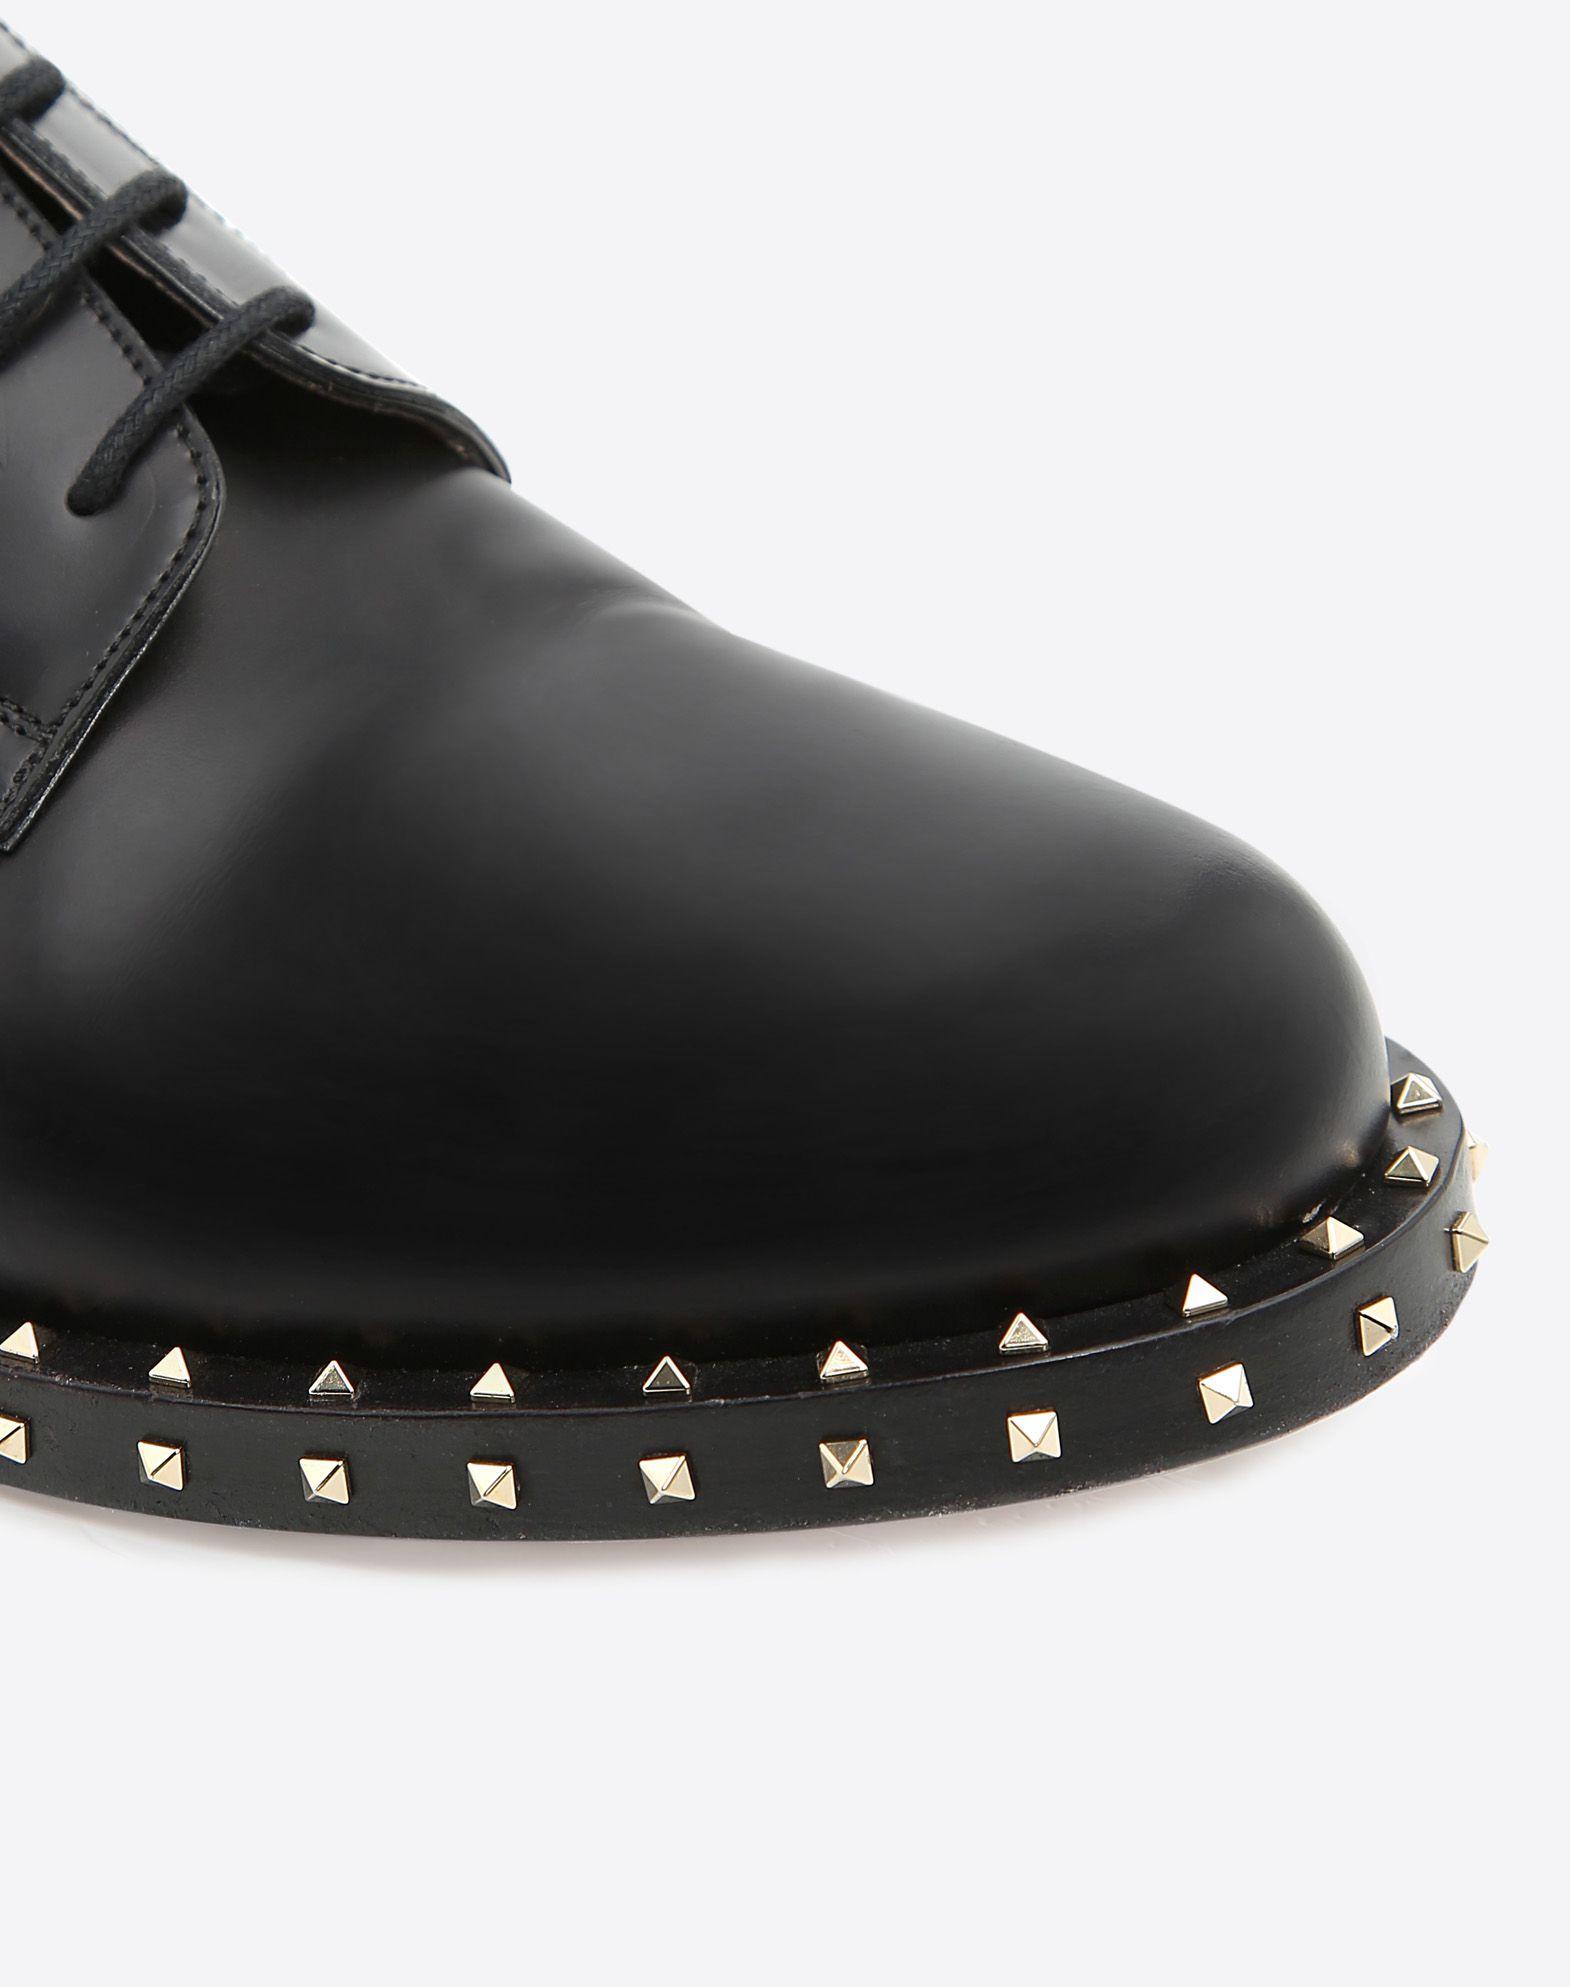 VALENTINO GARAVANI UOMO Zapatos derby Soul Rockstud ZAPATOS DE CORDONES U b